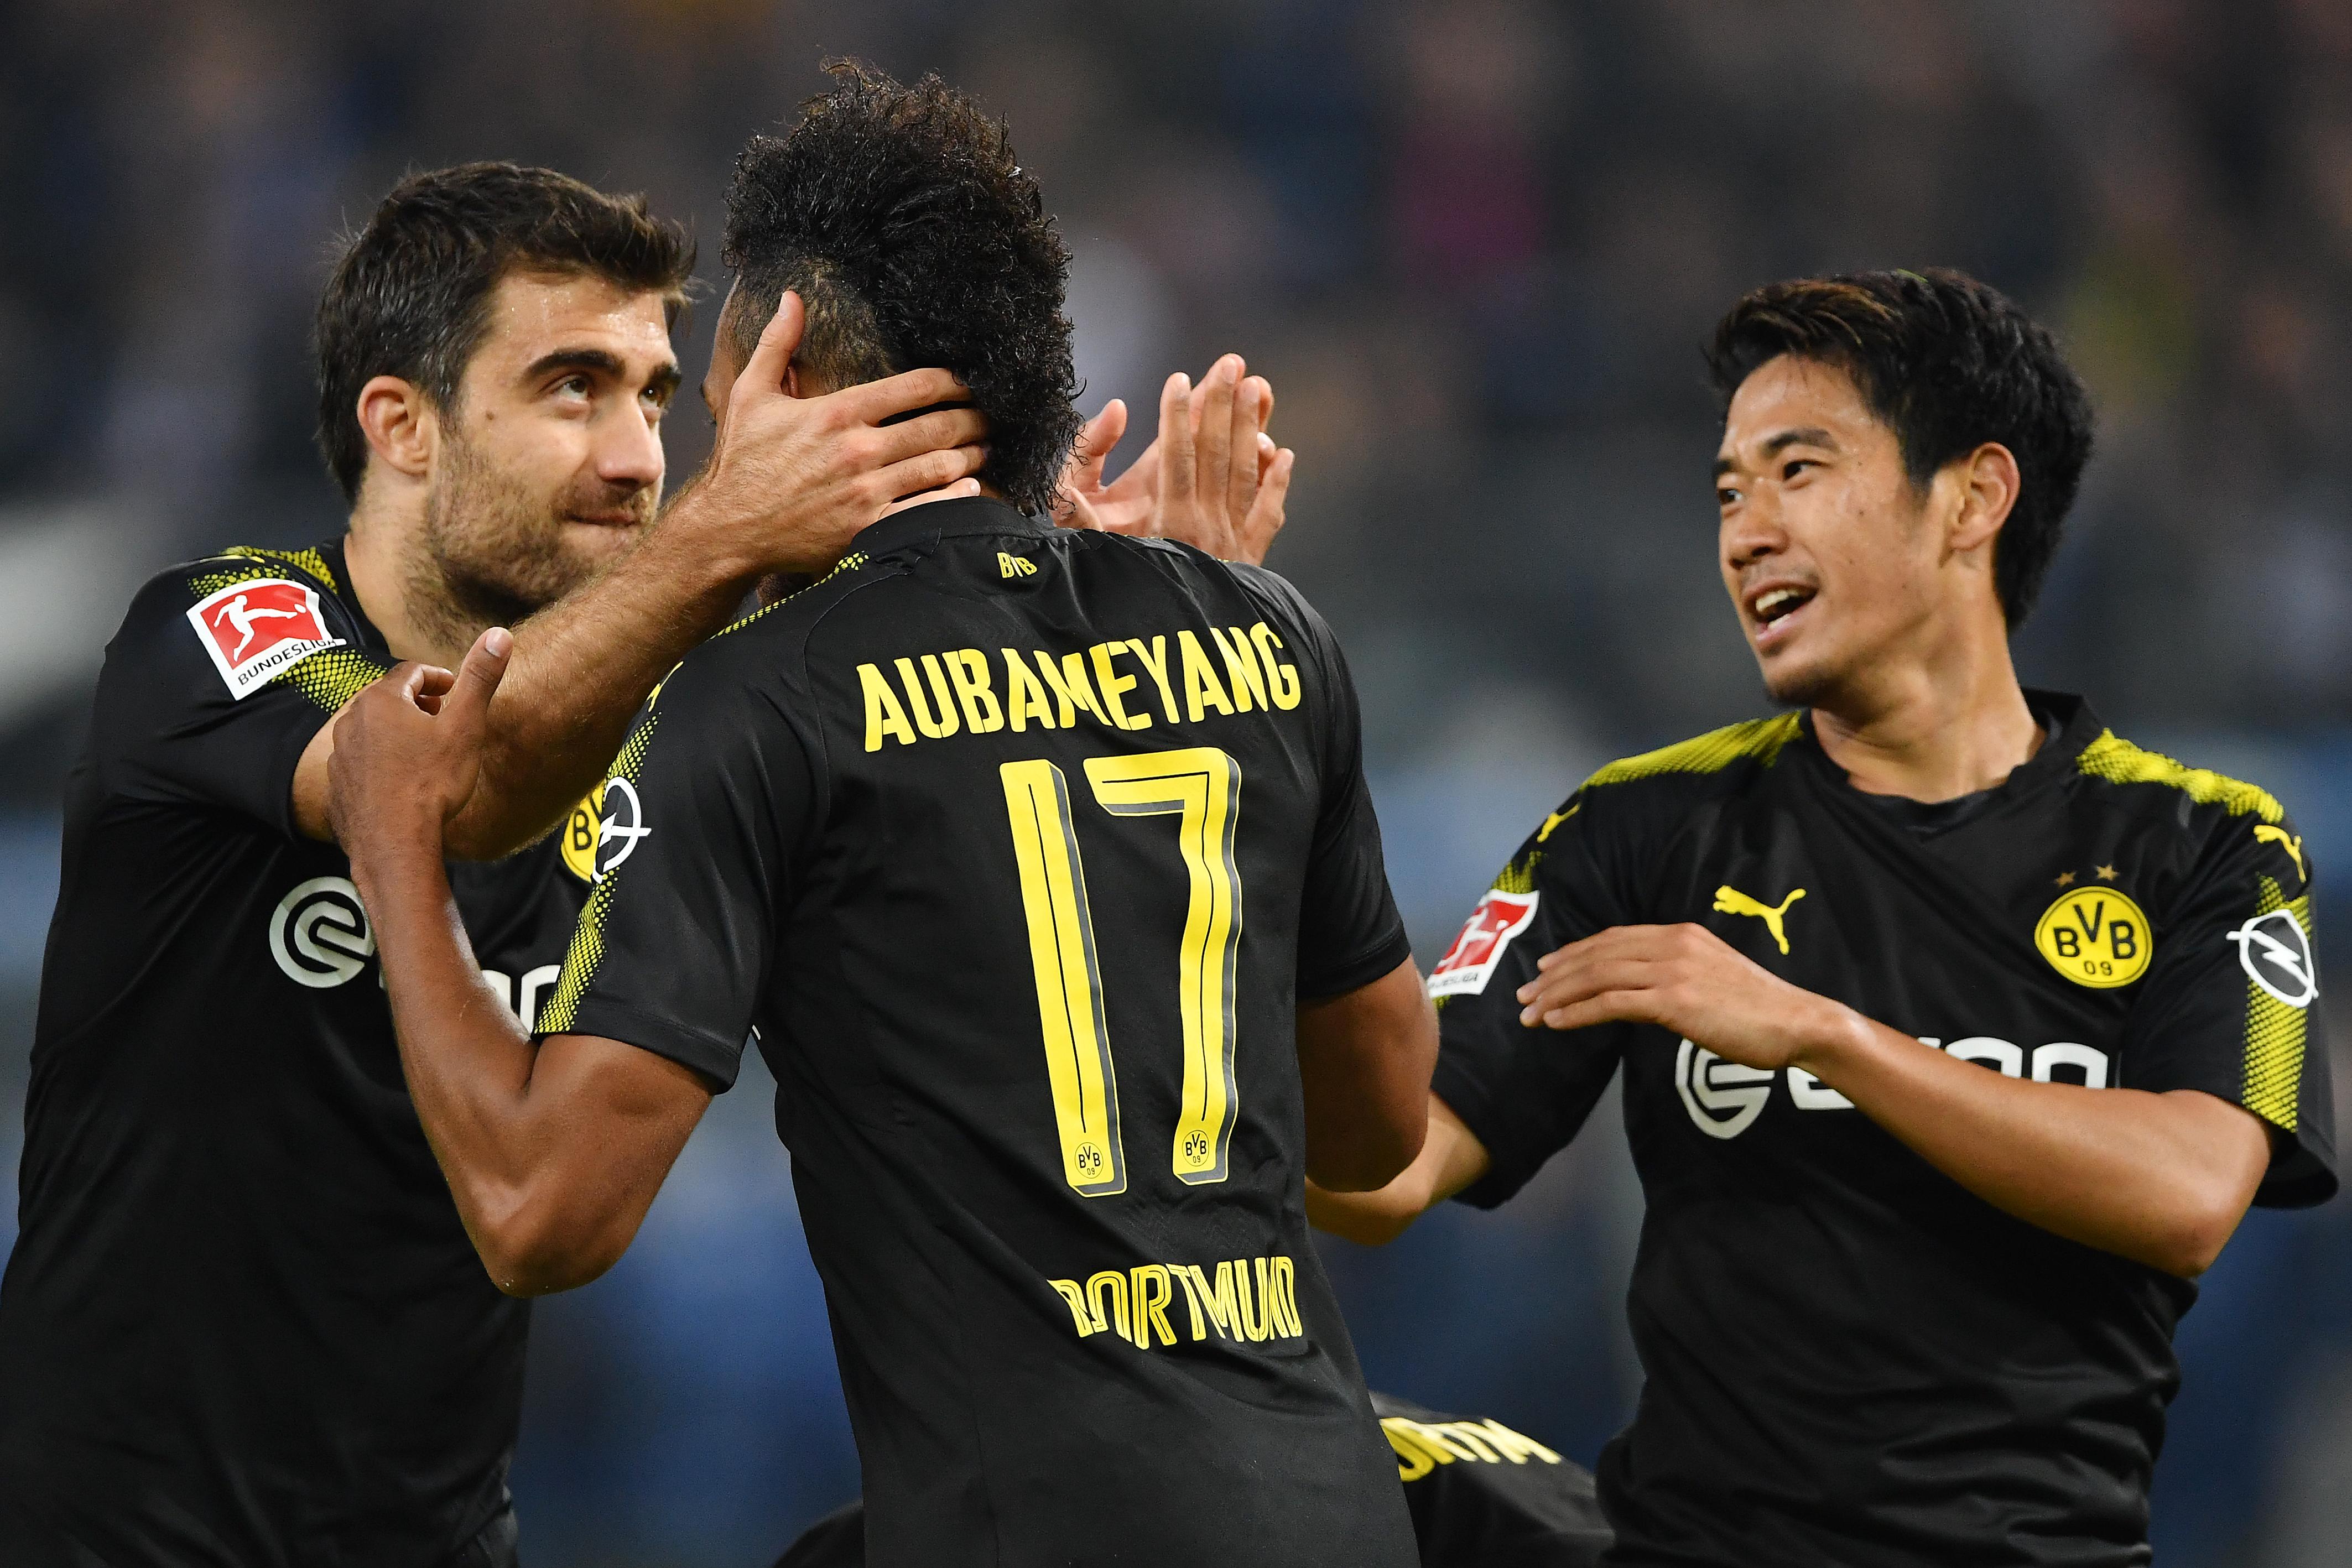 HSV-Trainer Gisdol setzt auf Wood gegen Dortmund